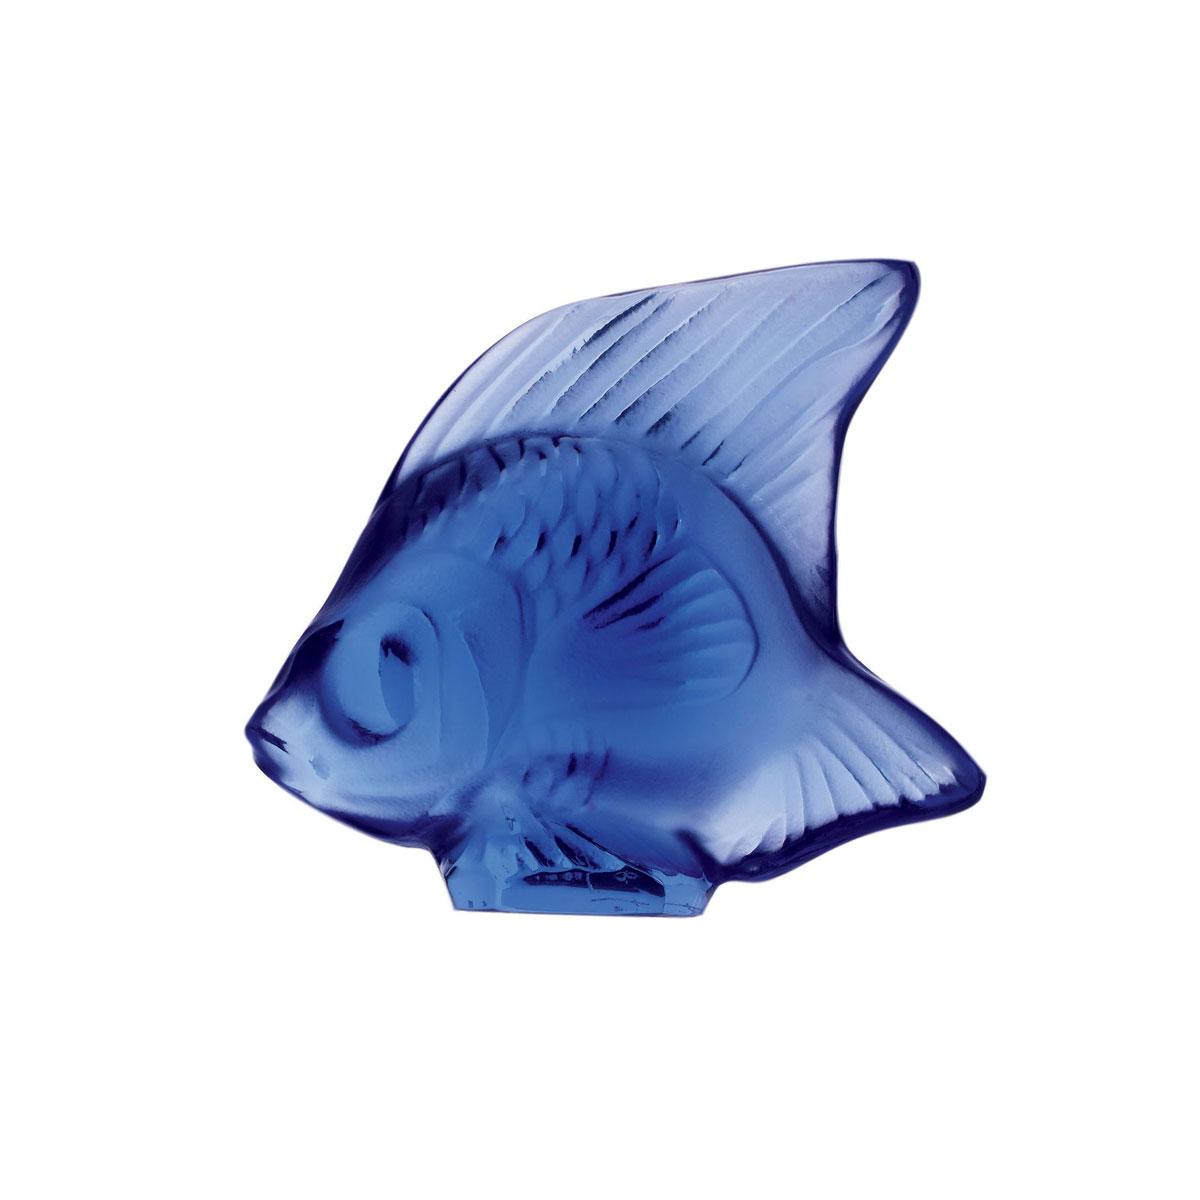 Lalique Crystal, Sapphire Blue Fish Sculpture